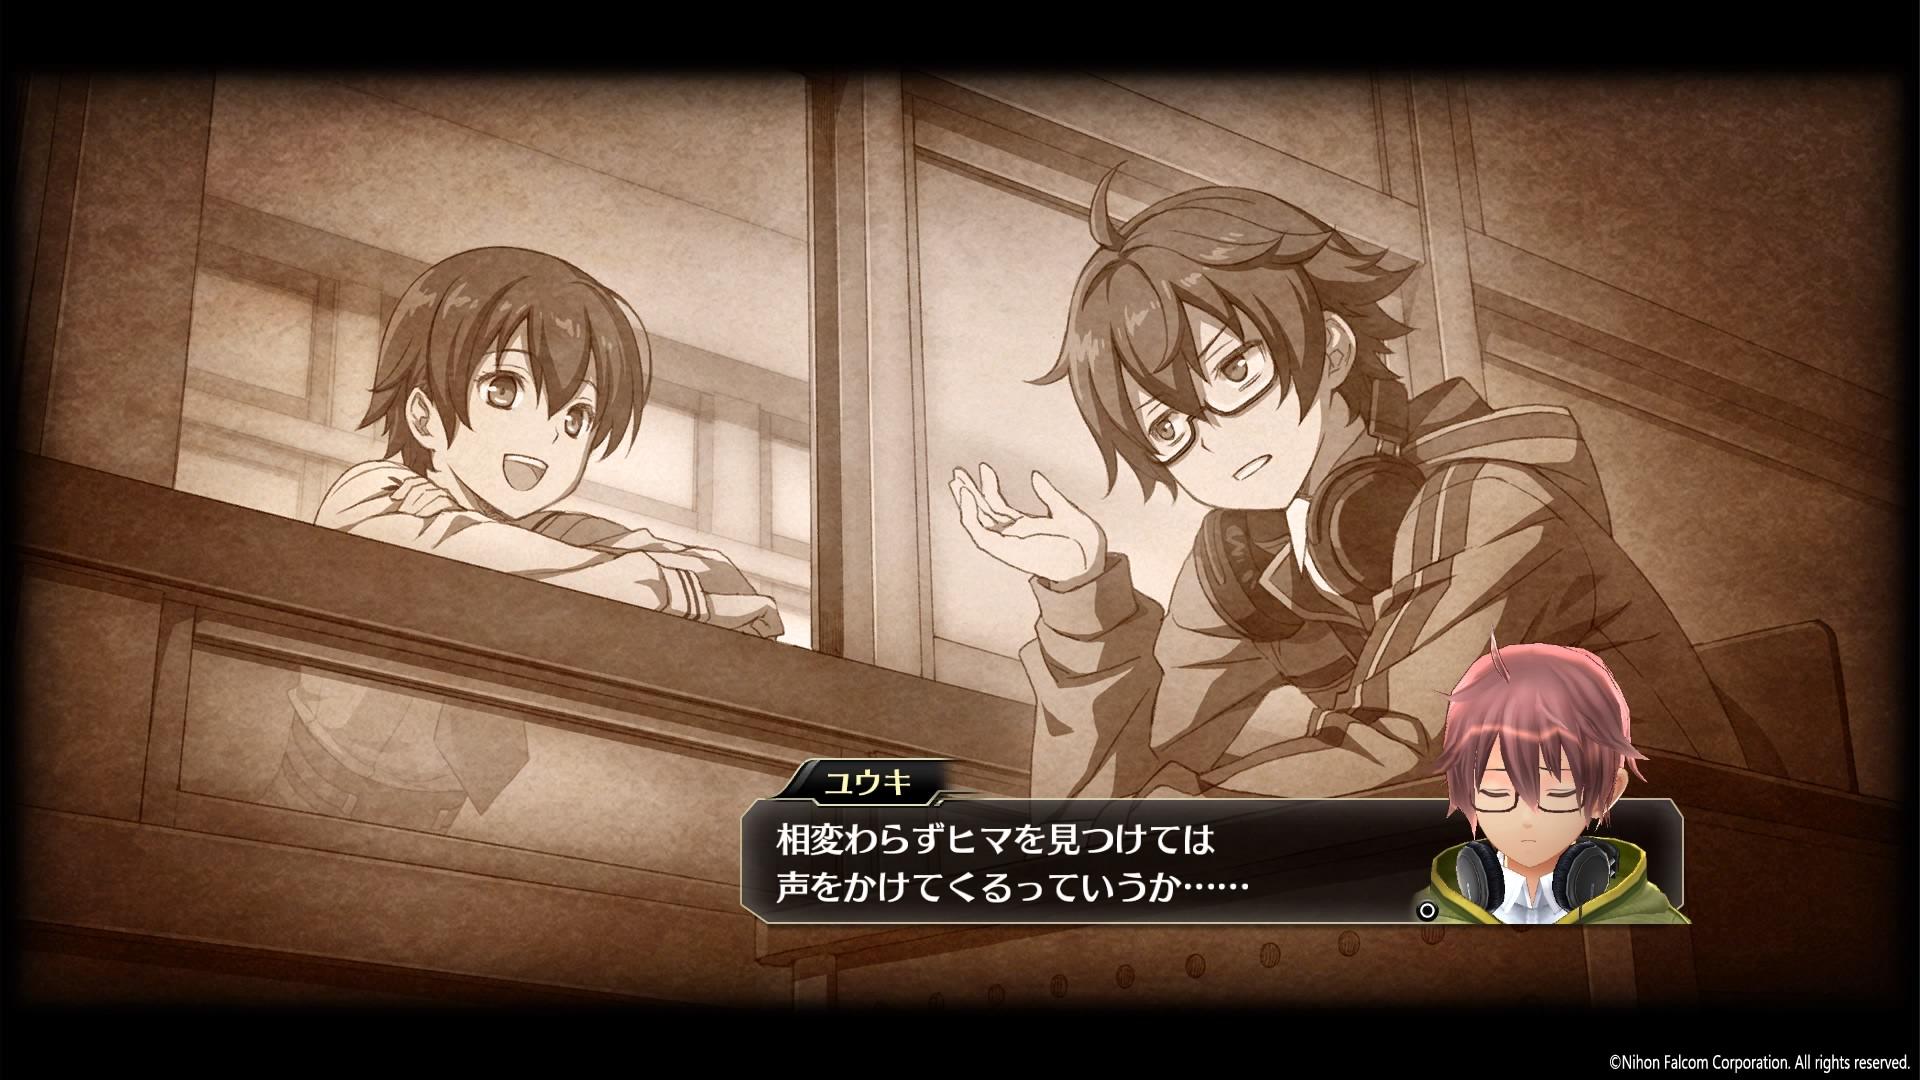 「eX+」で追加されたサイドストーリーは、コウ以外のメインキャラクター達がさらに掘り下げられる内容となっている